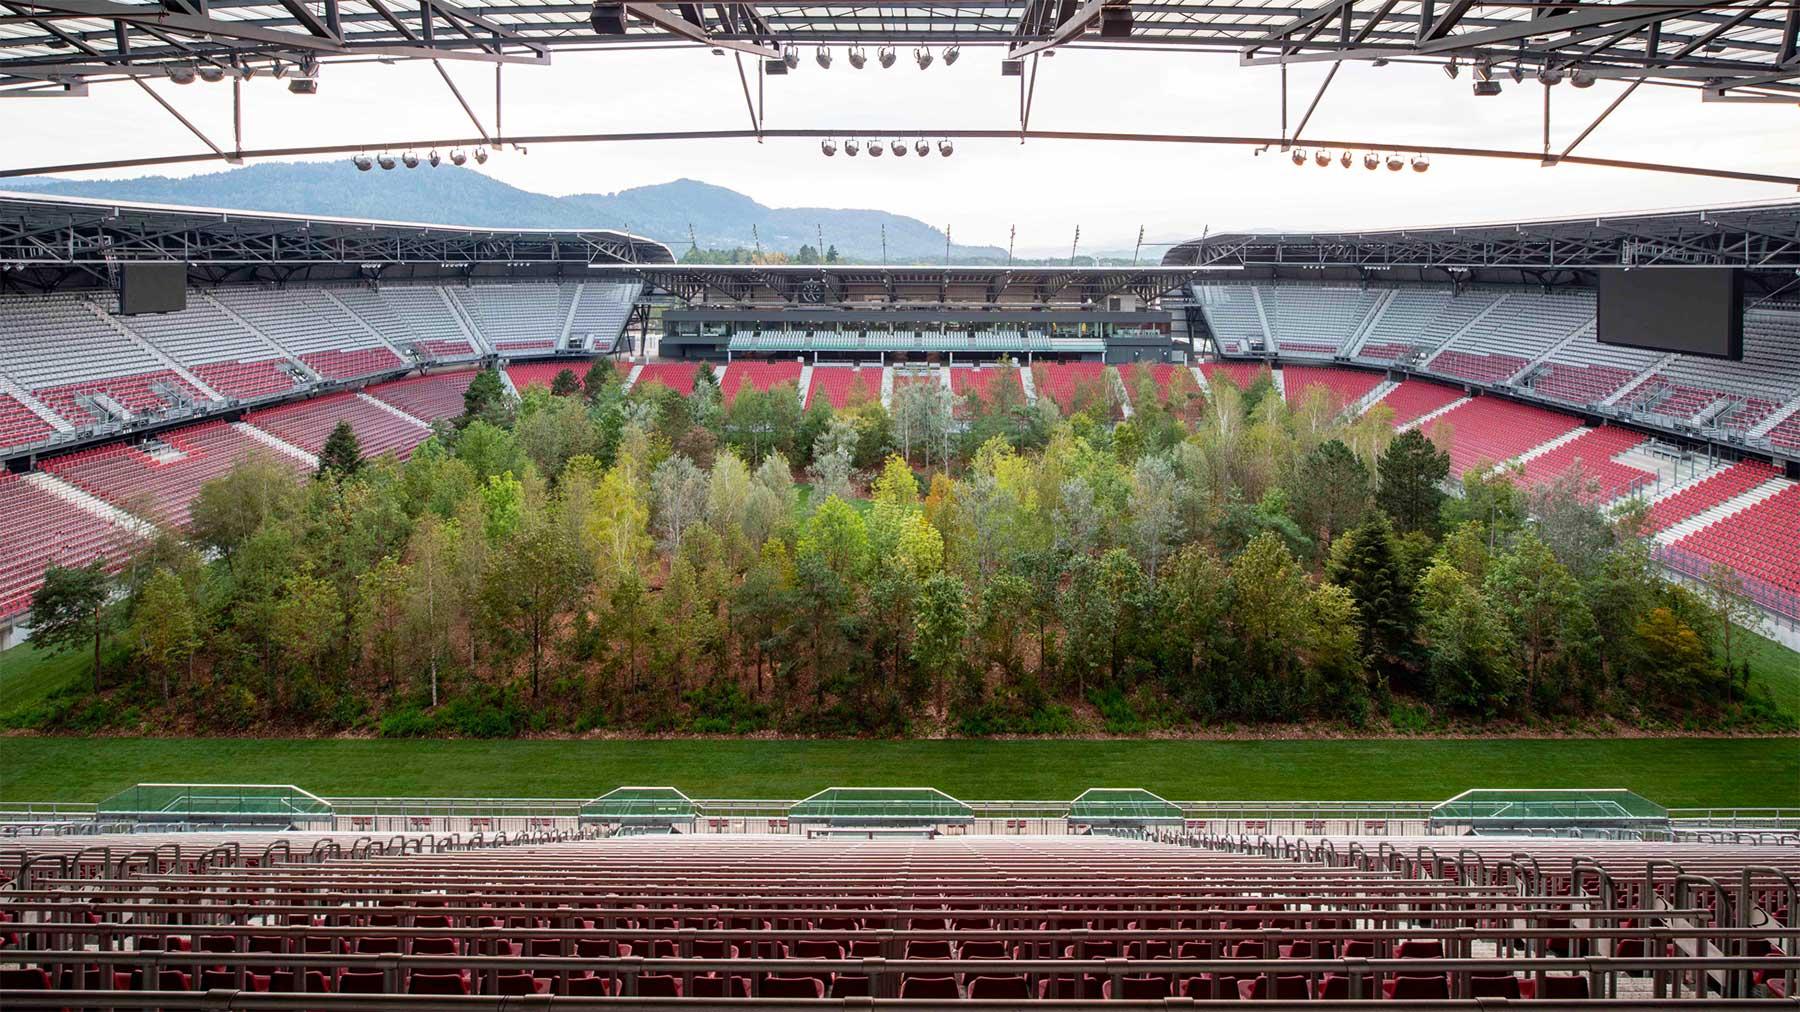 Ein Fußballstadion voller Bäume